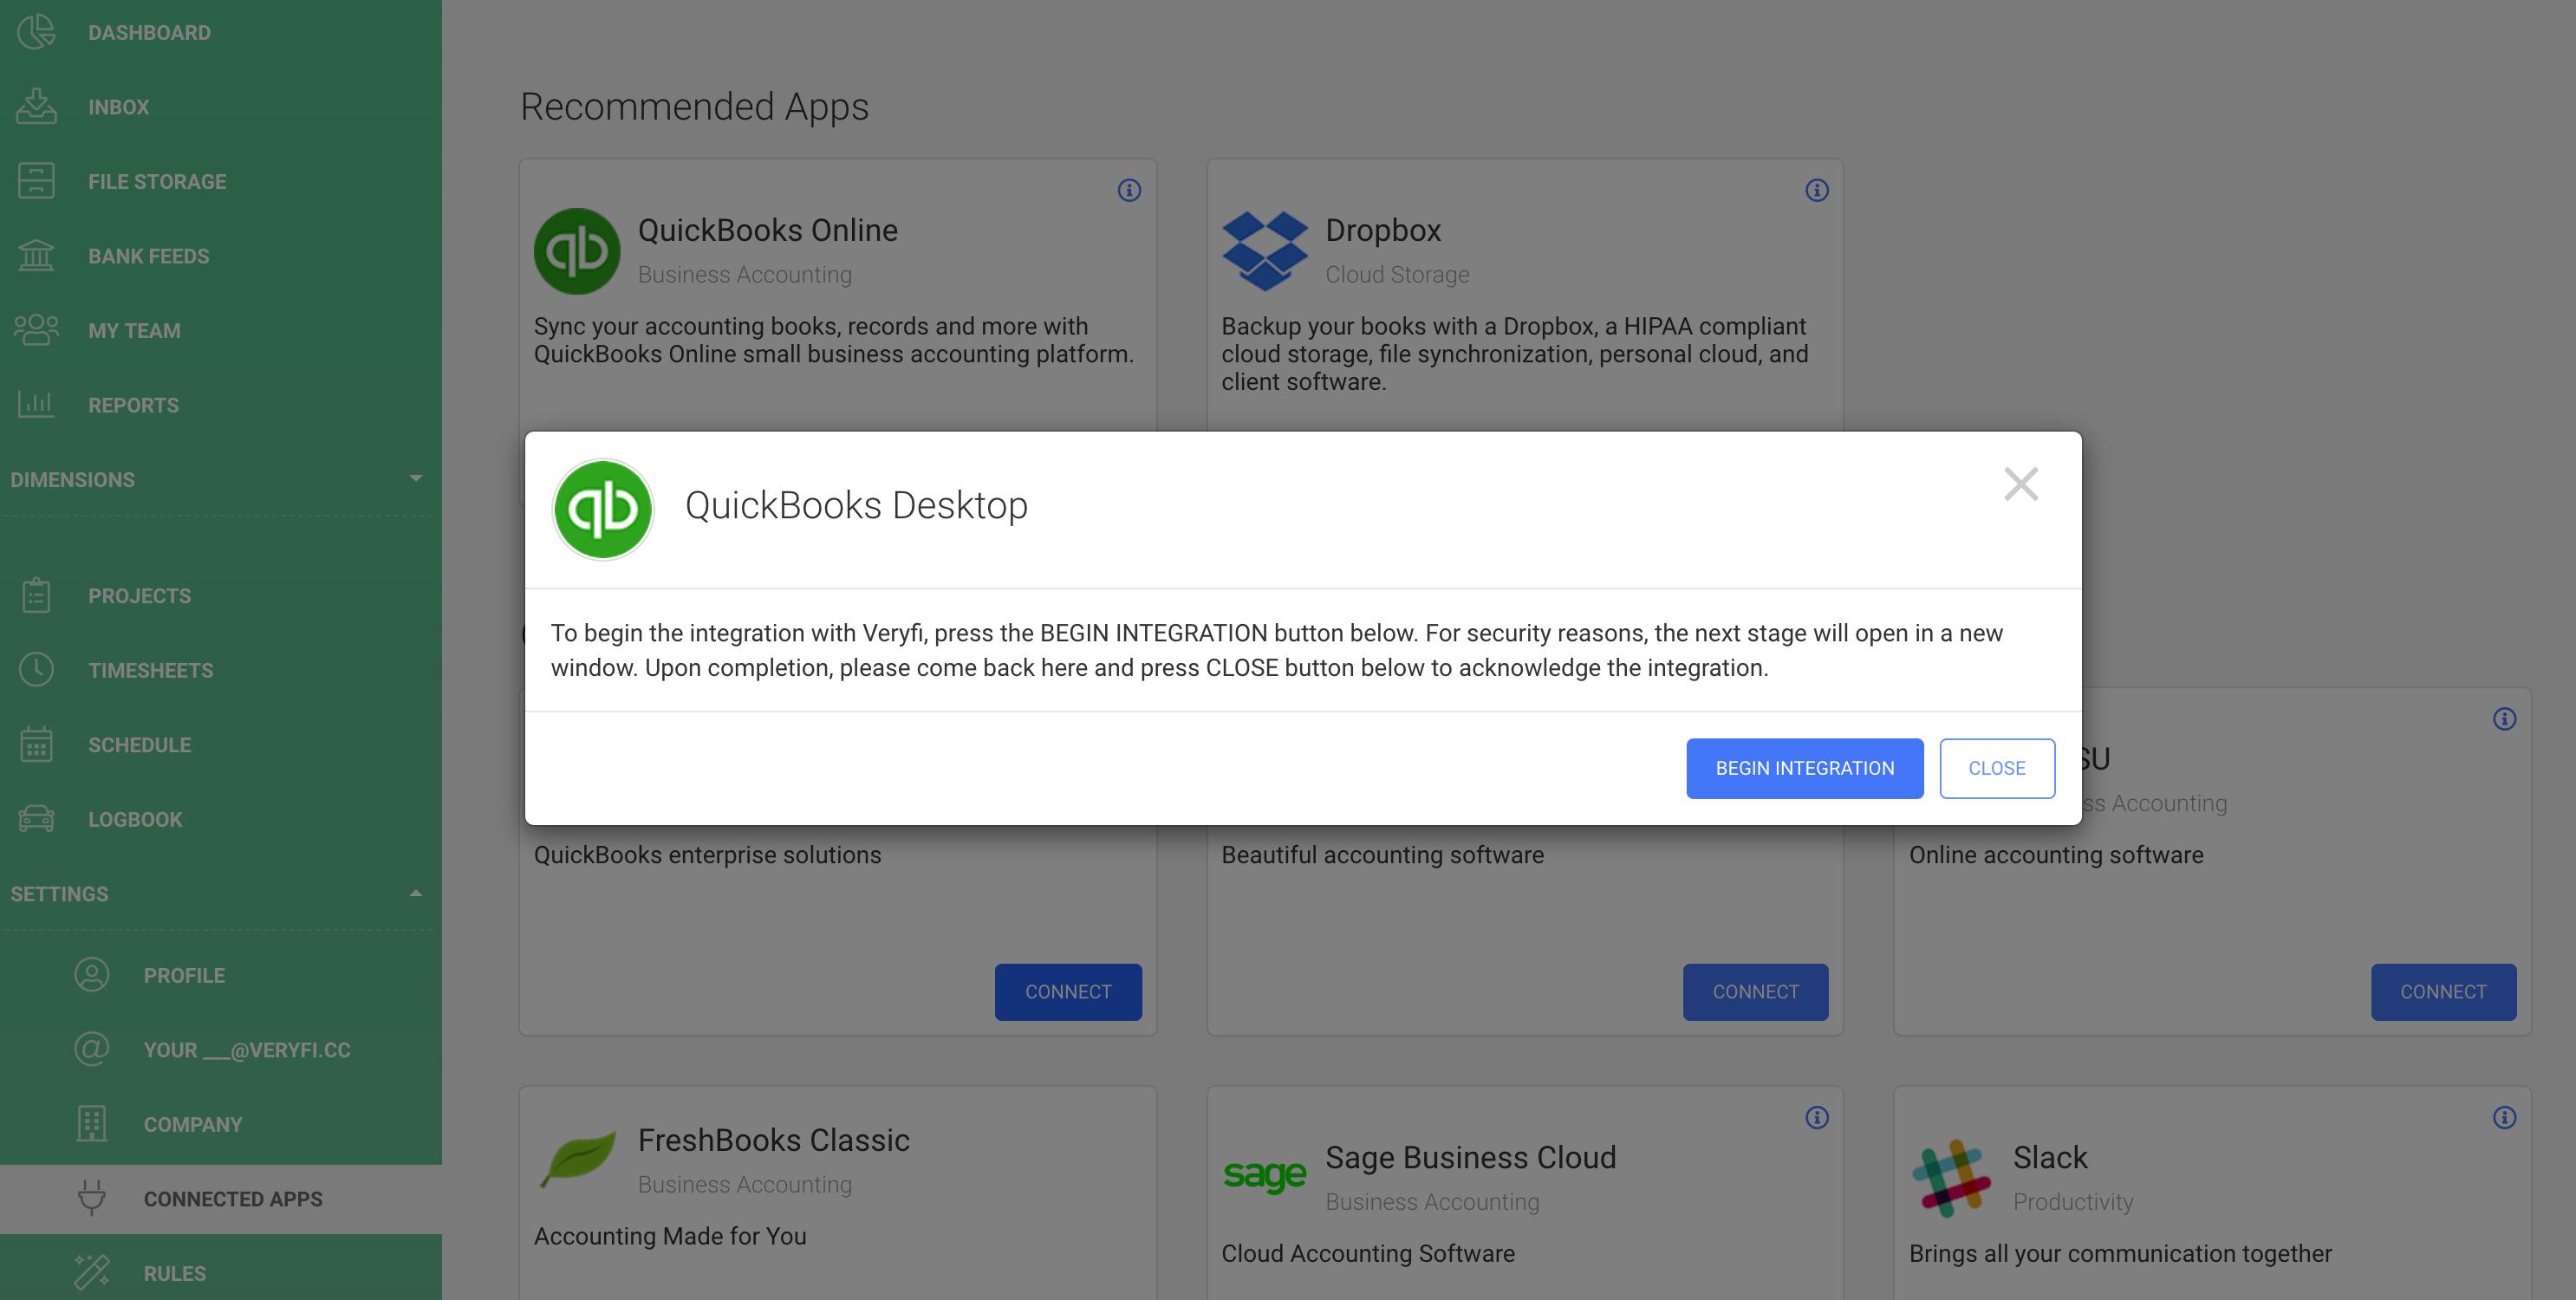 QuickBooks Desktop begin integration